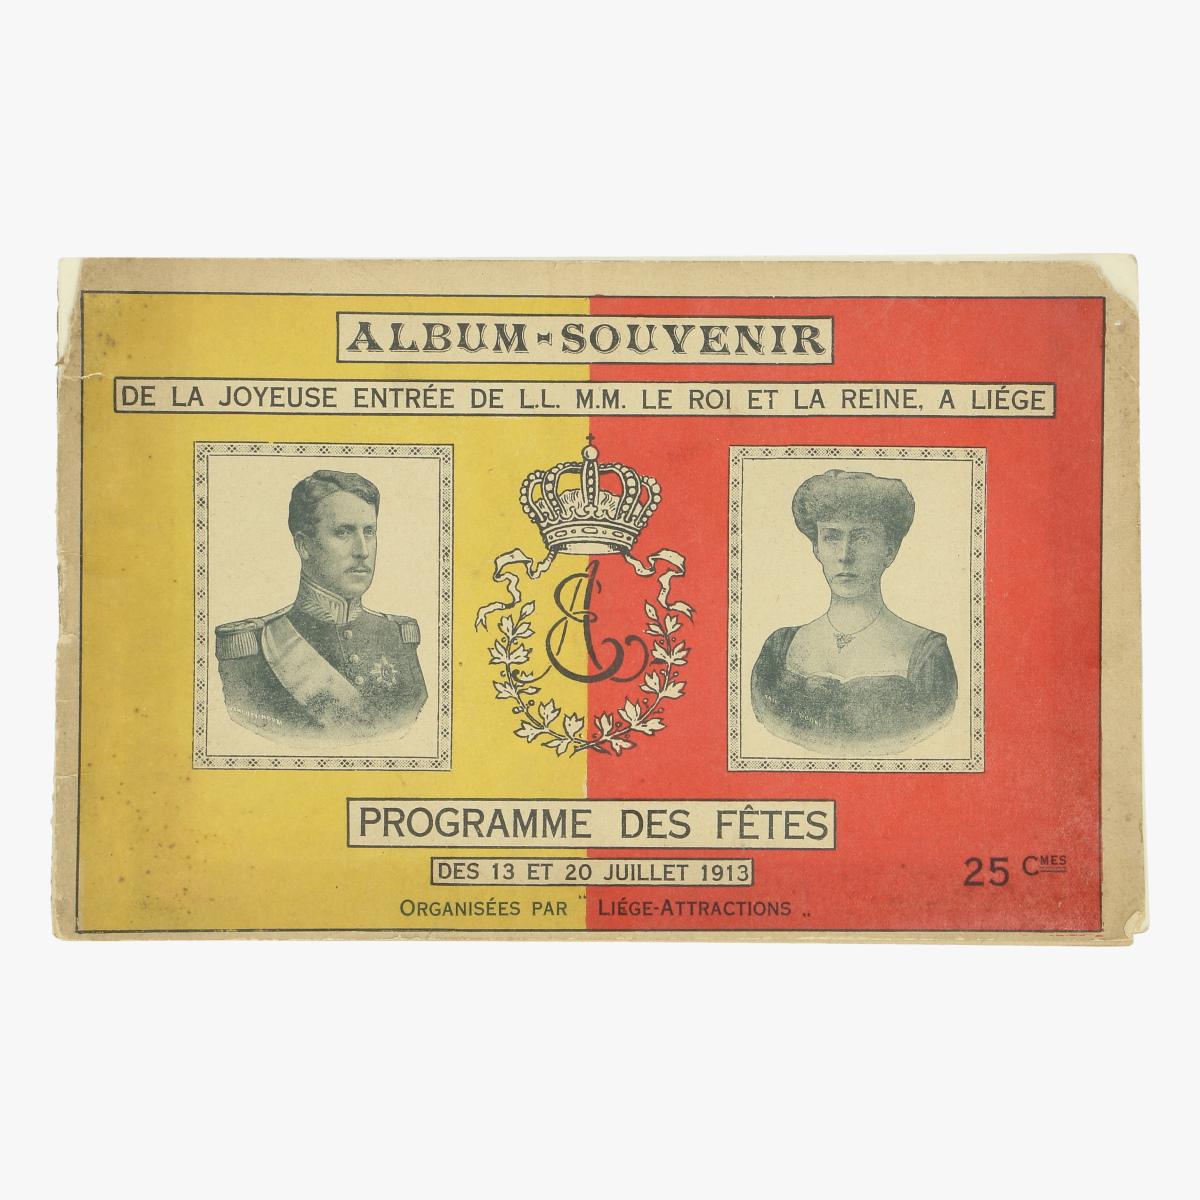 Afbeeldingen van album souvenier de la joyeuse entree de l.l  m.m roi et la reine, a Liege